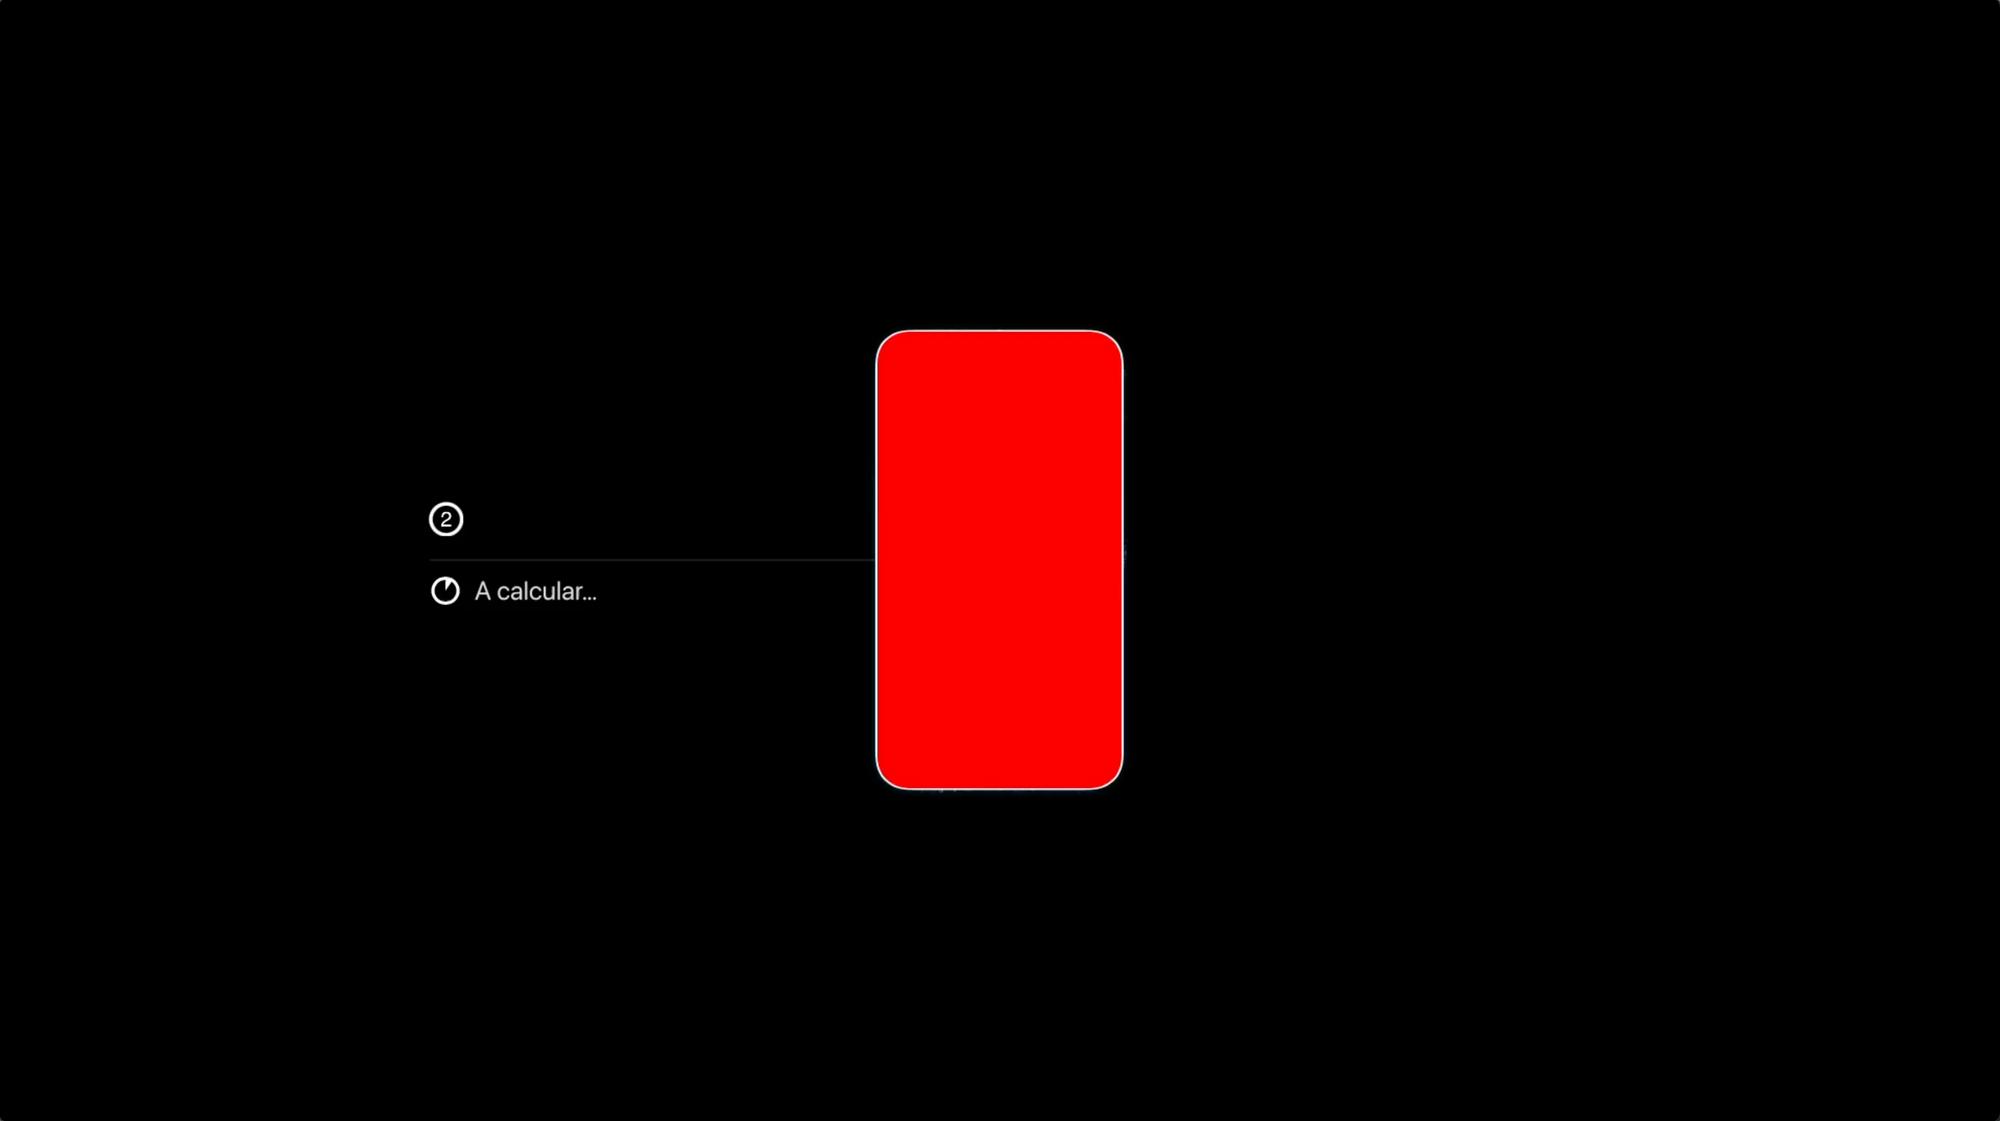 Processo de calibragem em curso na Apple TV